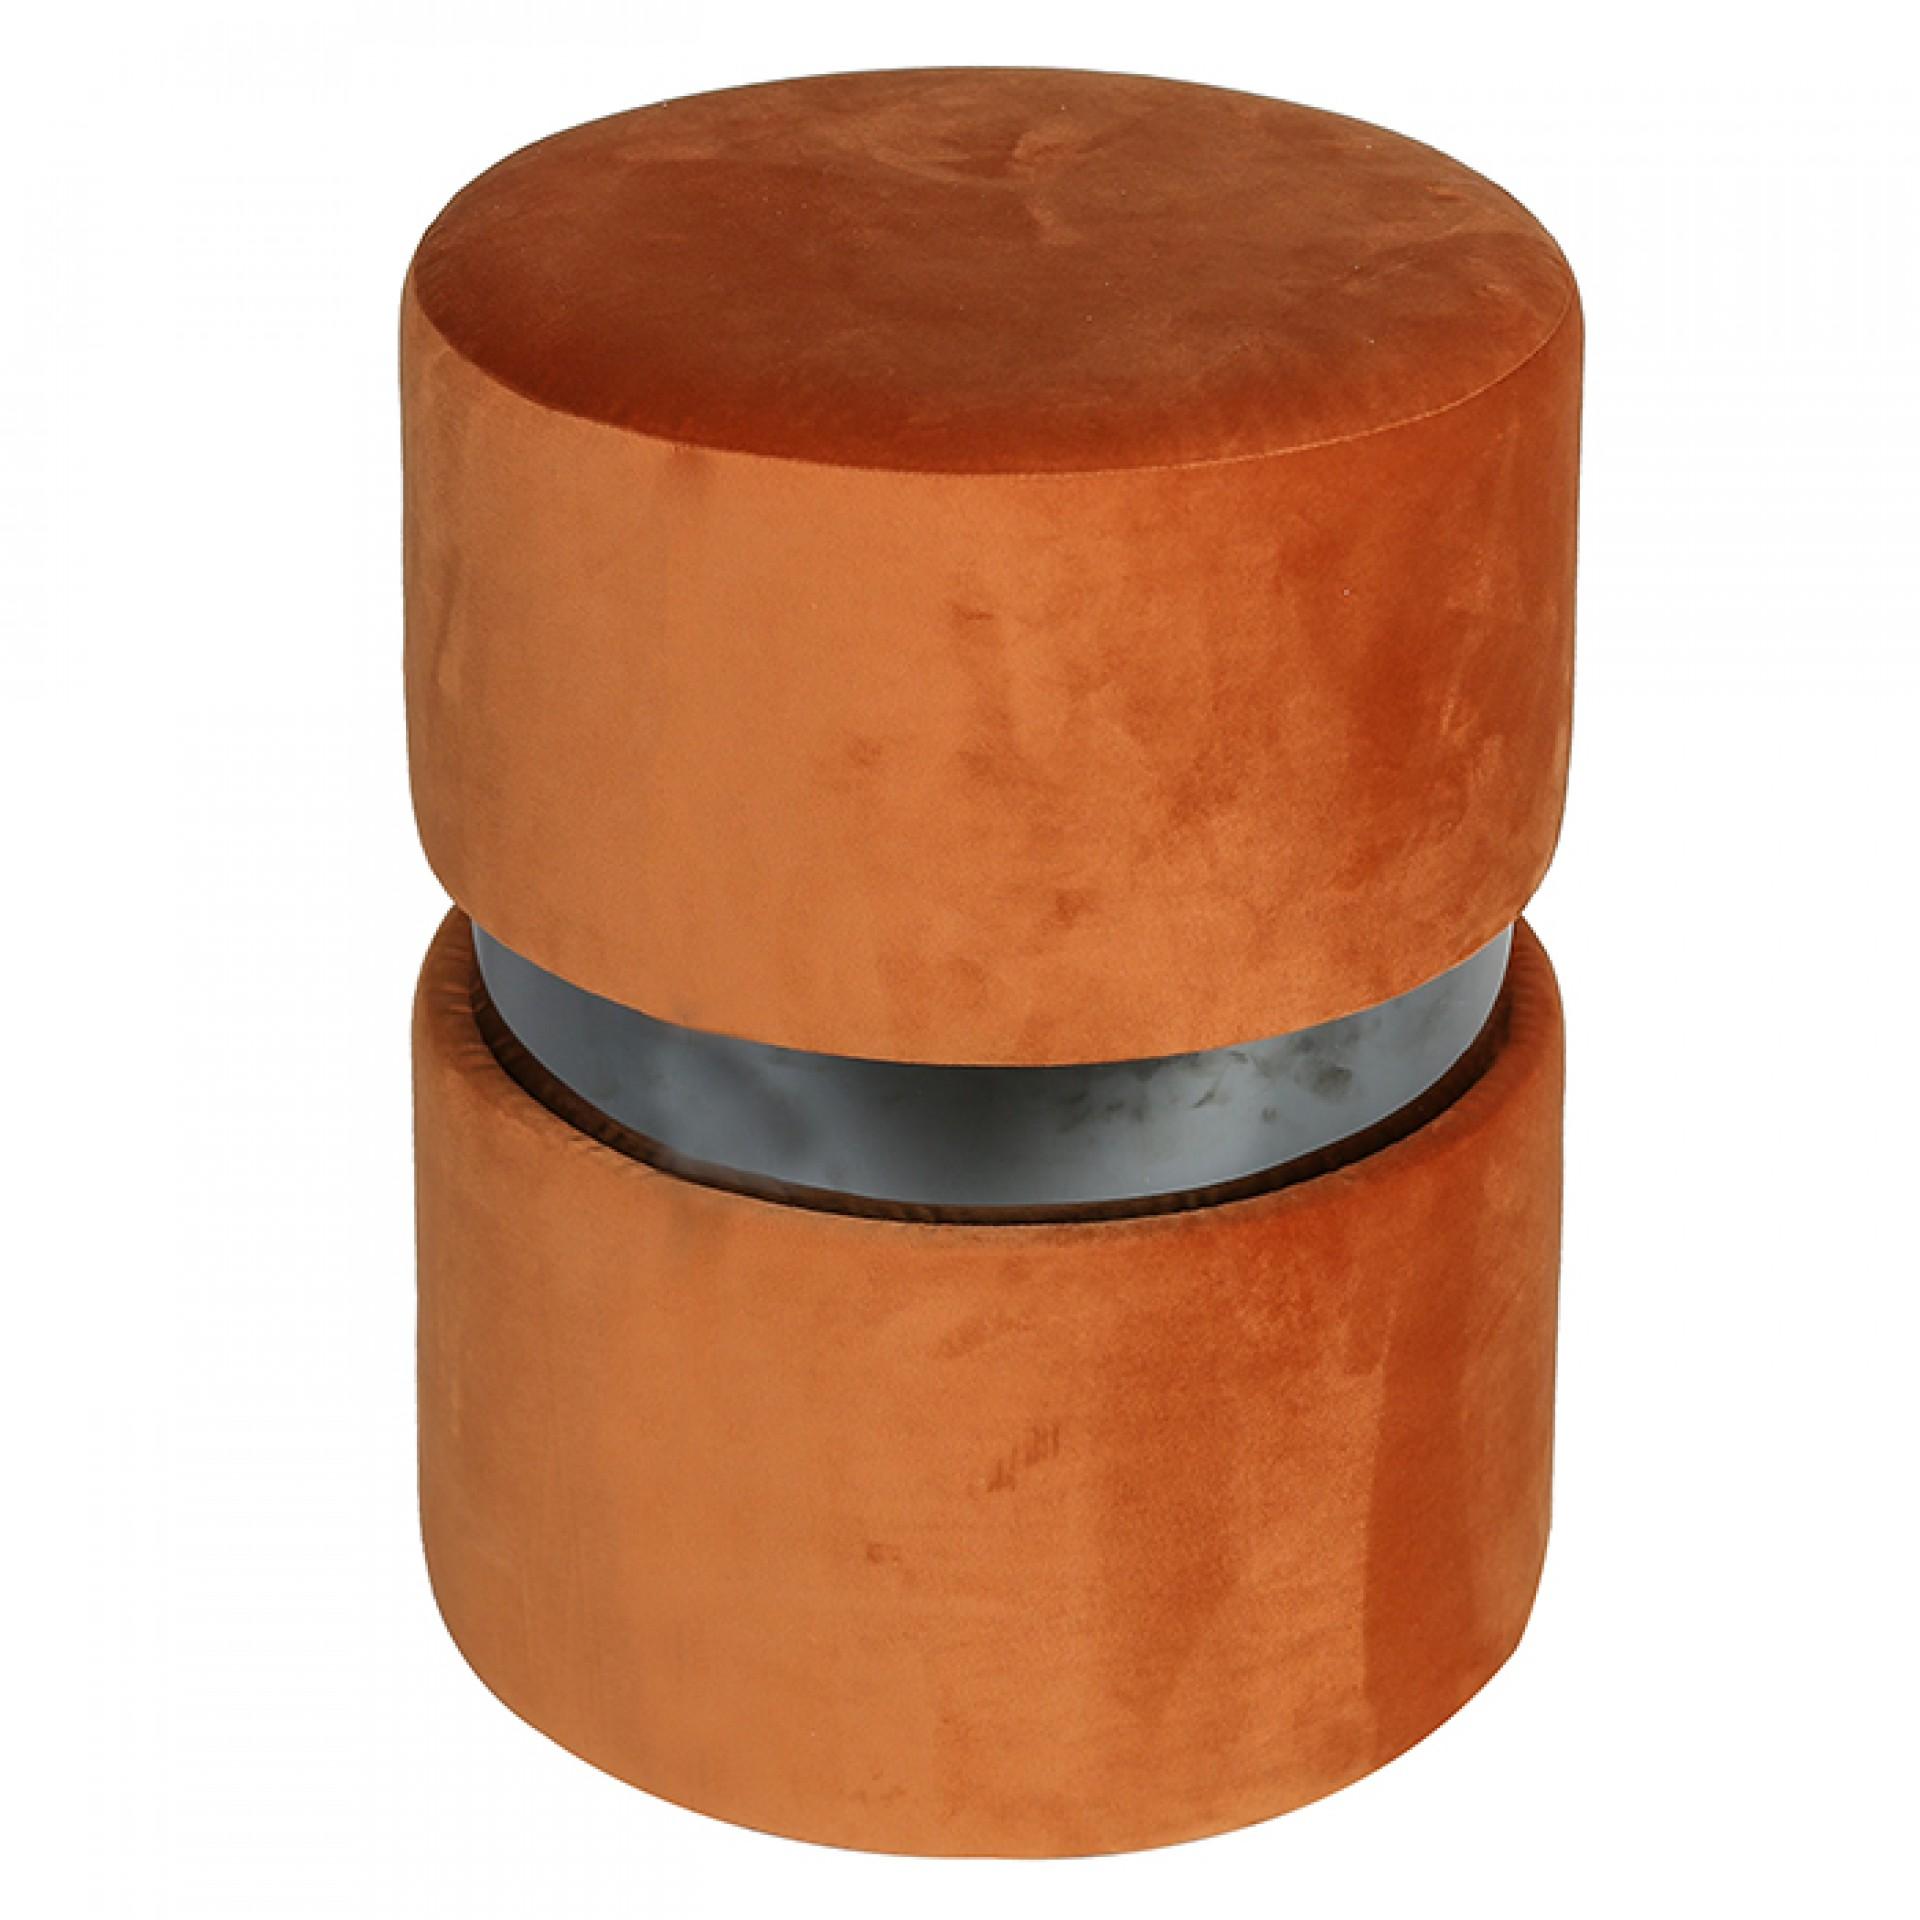 Taburetka / stolička Delight, 46 cm, oranžová